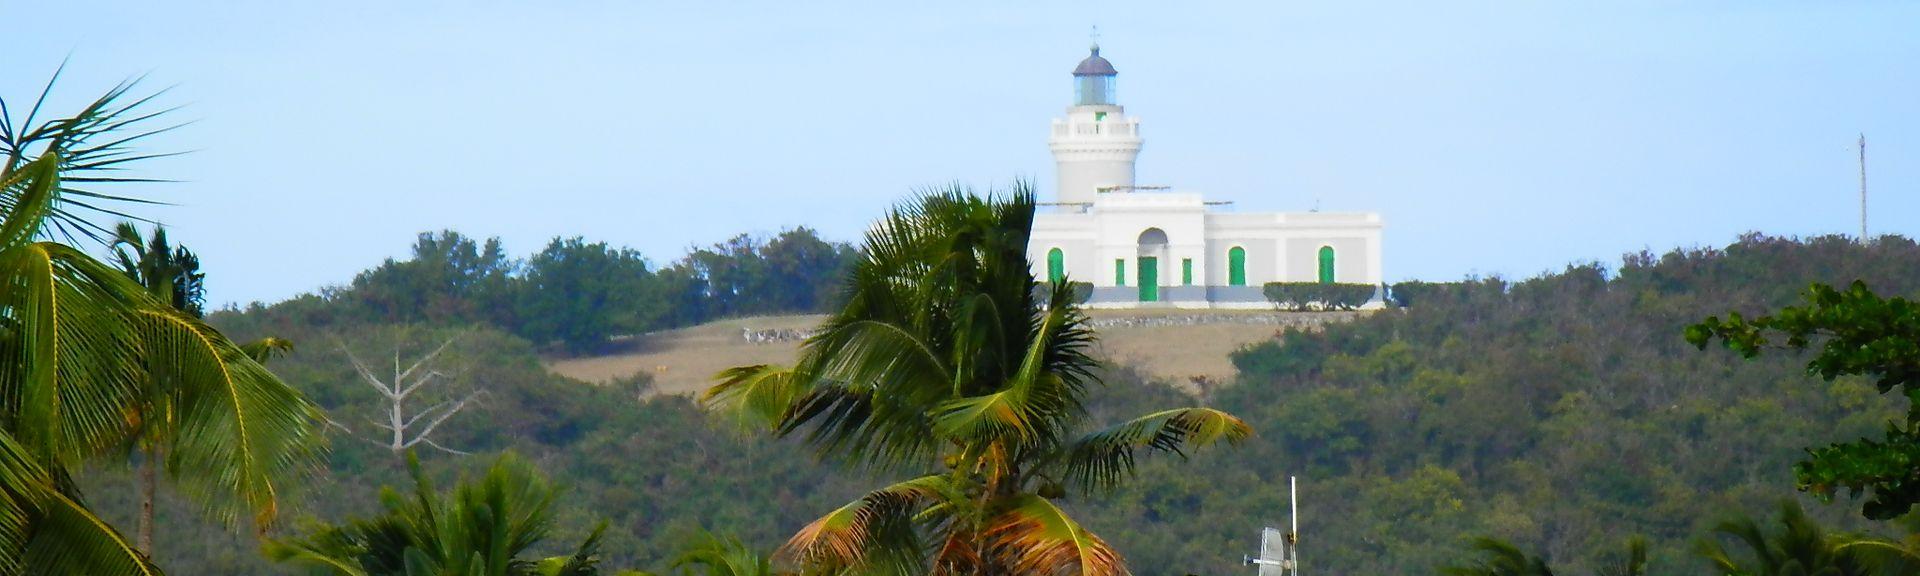 Las Croabas, Cabezas, Fajardo, Porto Rico